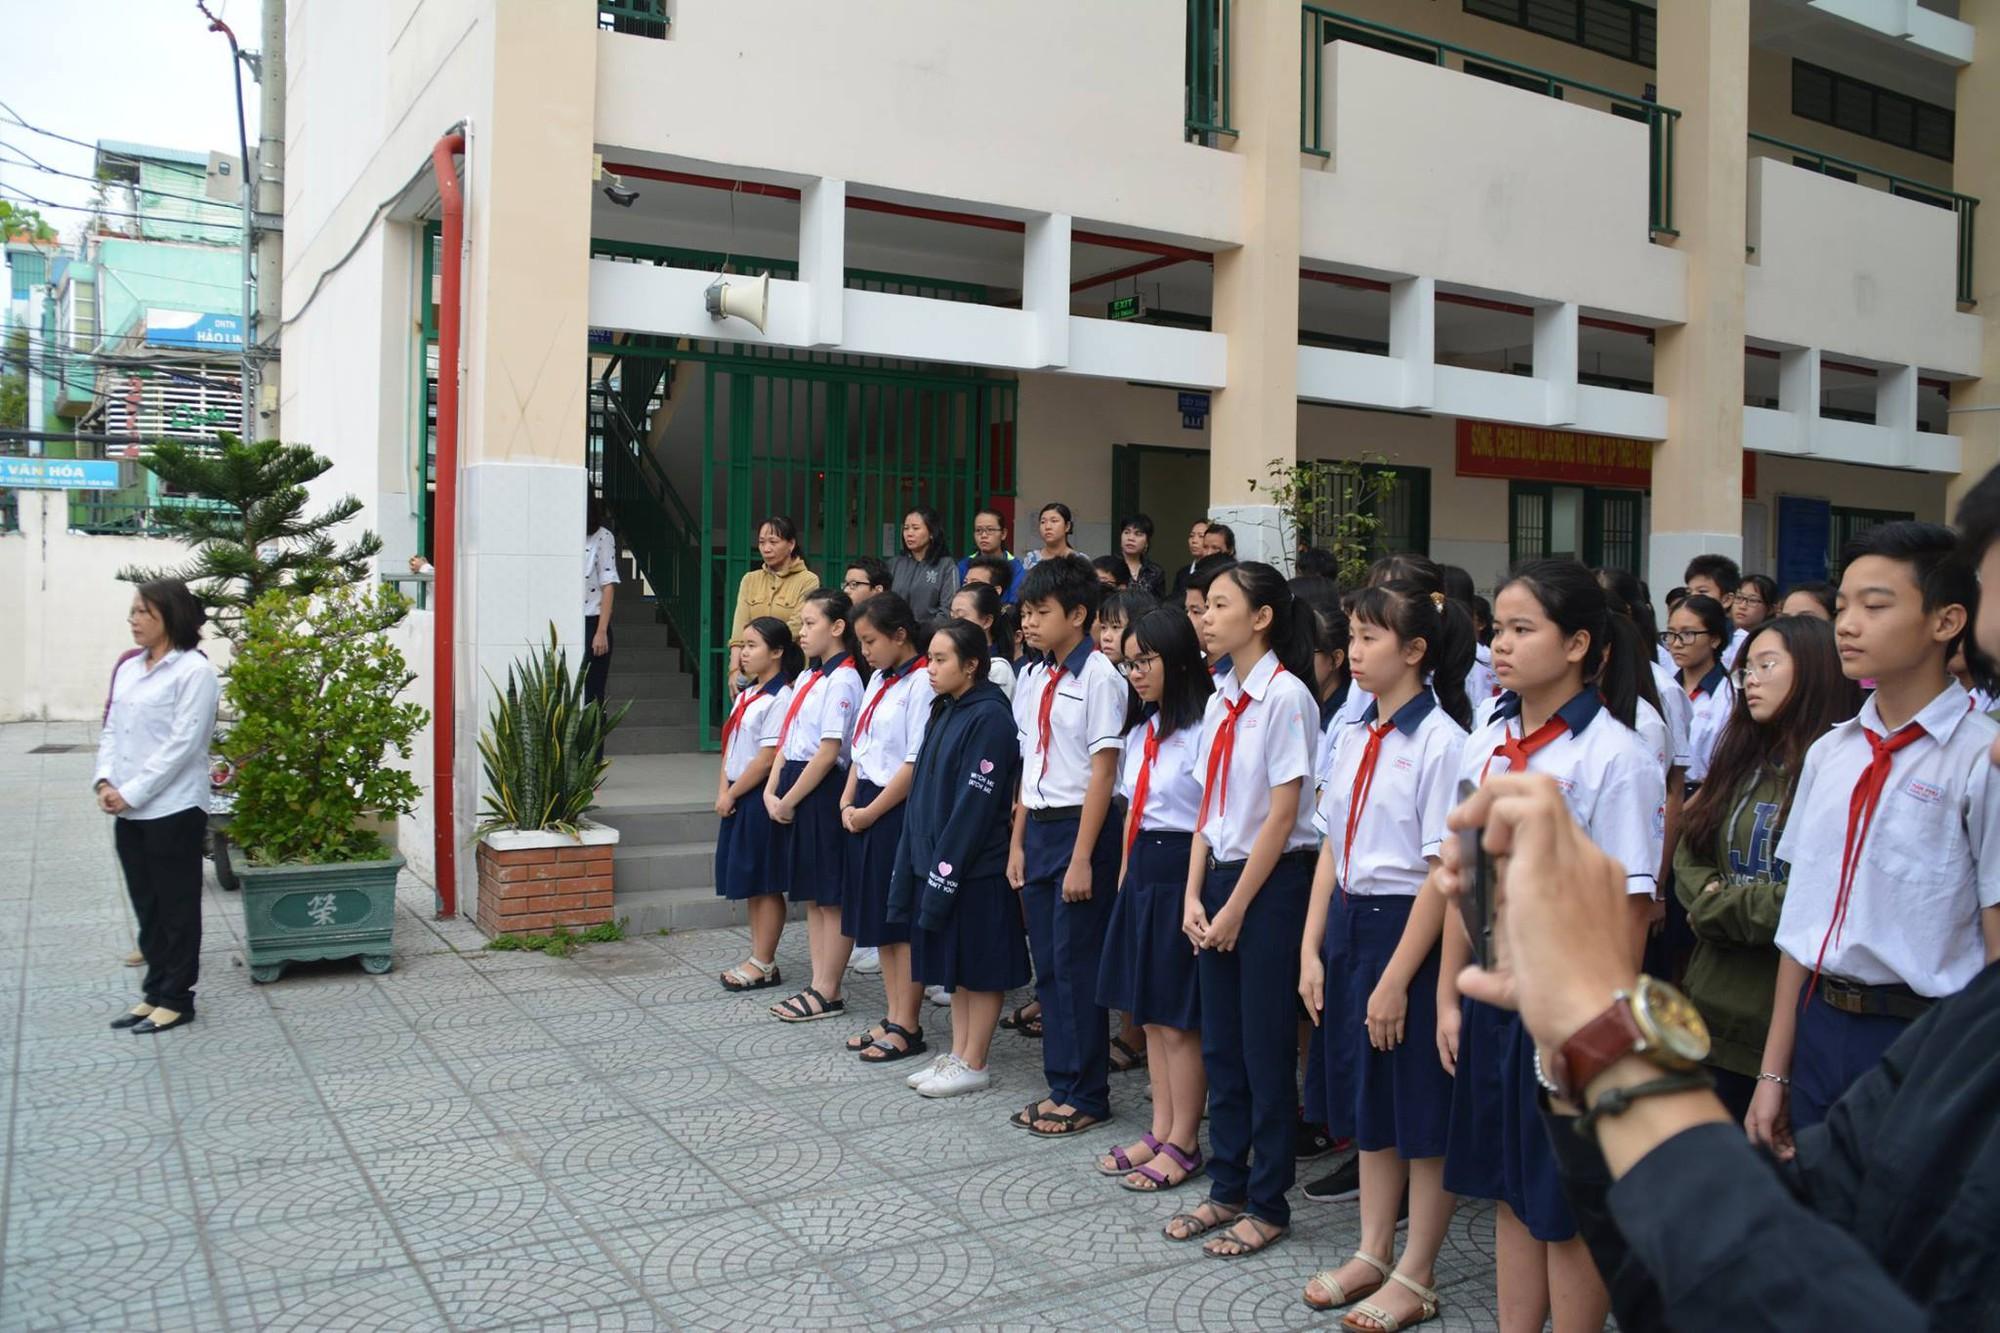 Hình ảnh xúc động: Hàng nghìn HS trường Trần Phú TP.HCM cuối đầu vĩnh biệt thầy hiệu trưởng đột ngột qua đời - Ảnh 4.